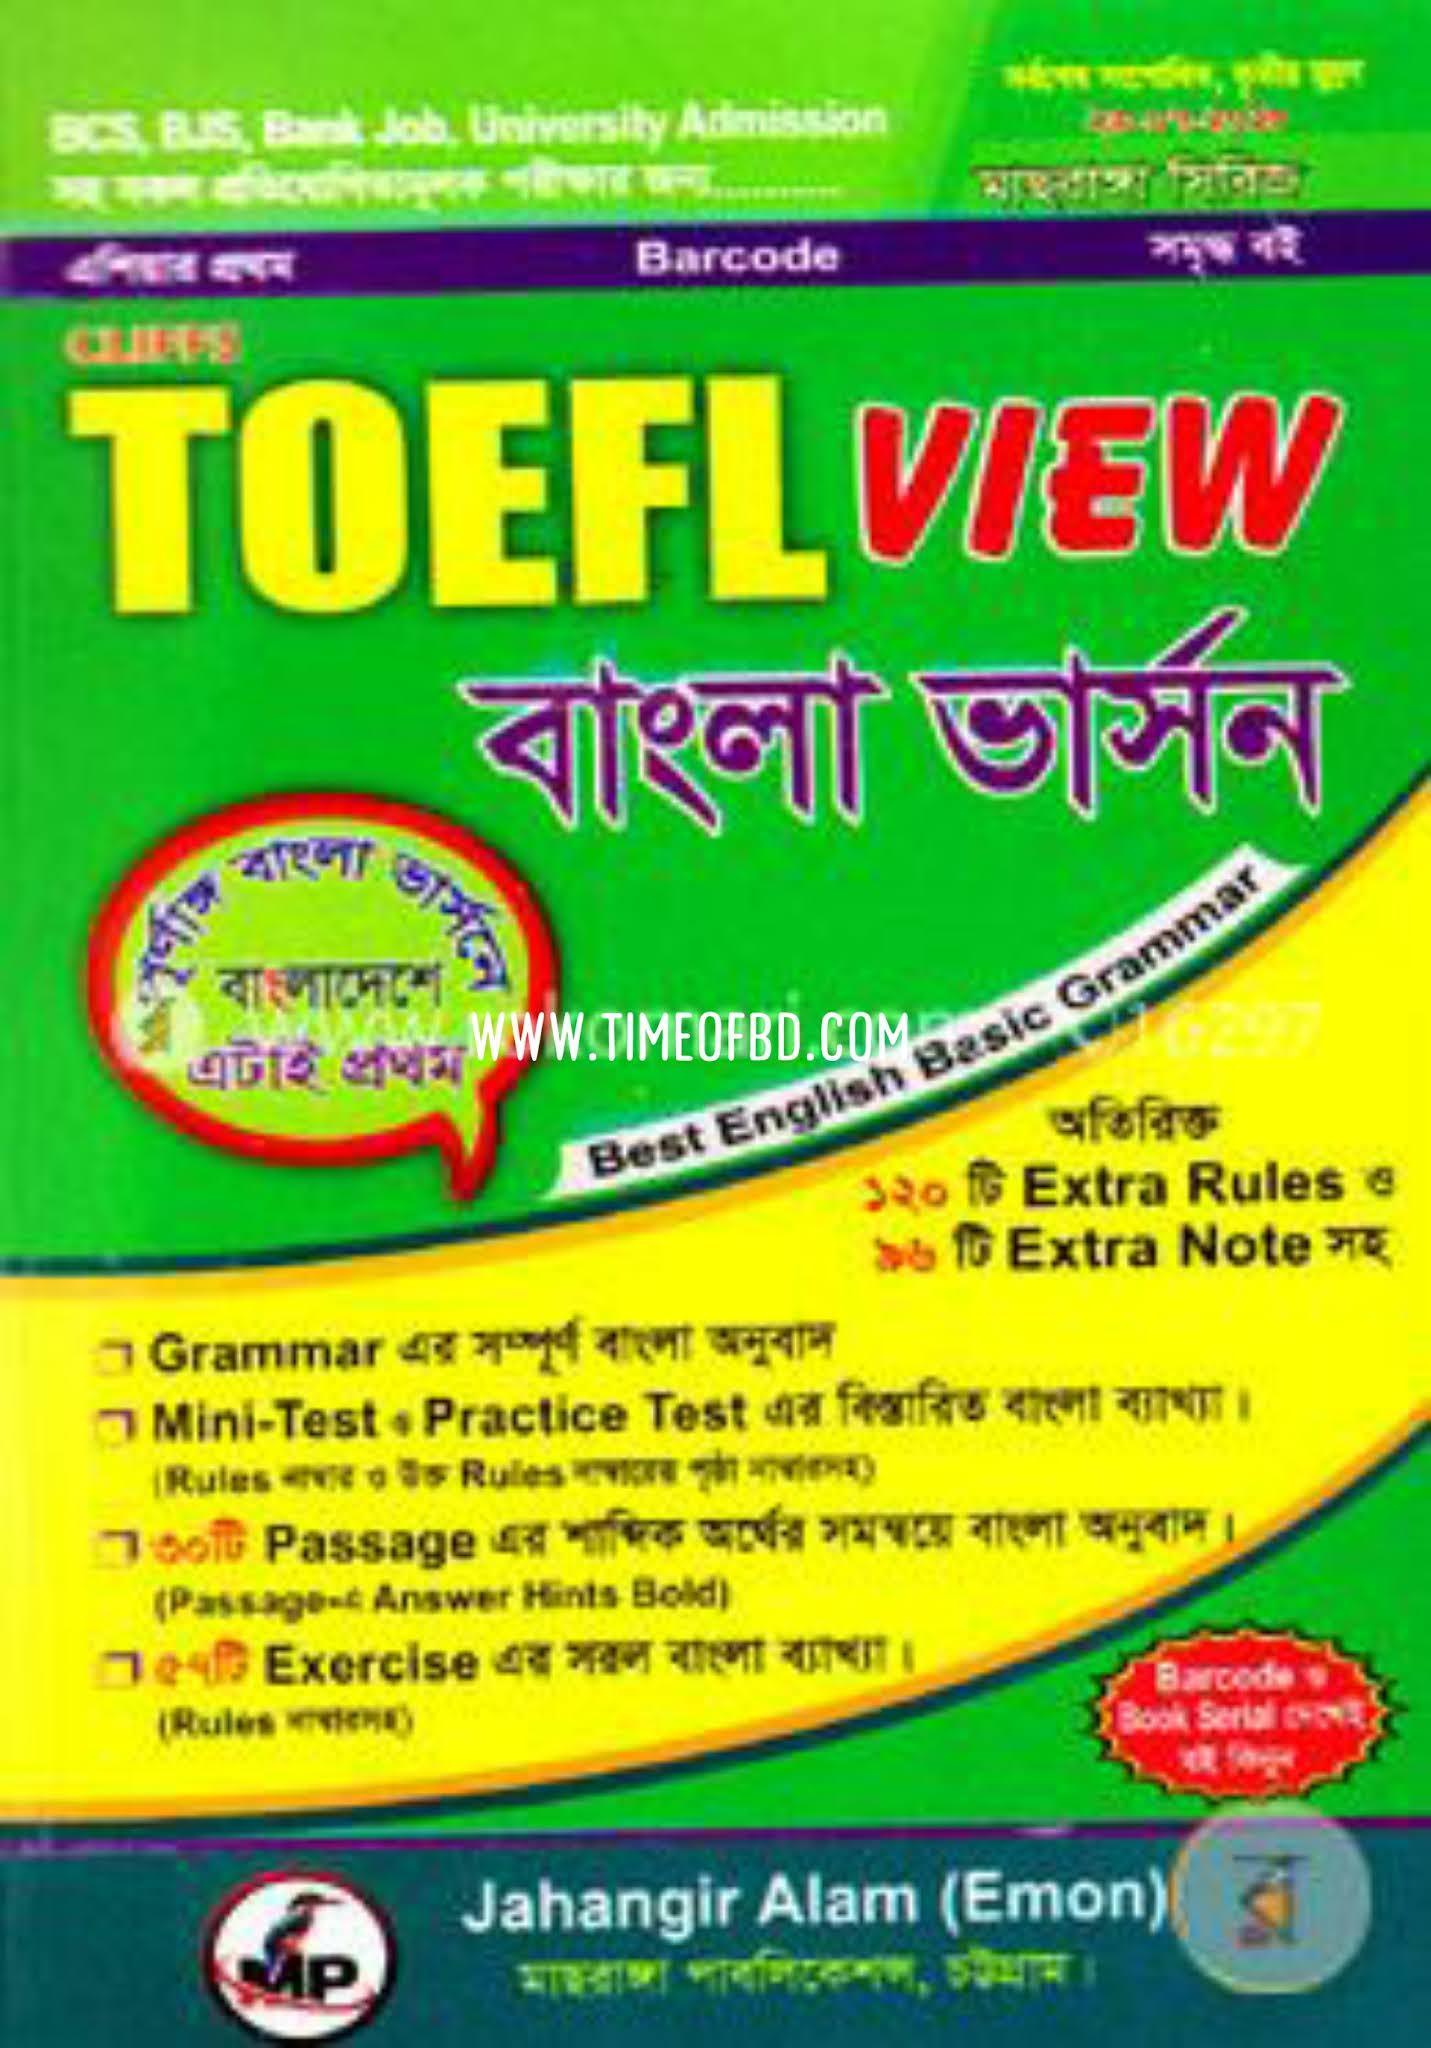 cliffs tofel bangla book online order link, cliffs tofel bangla book,cliffs tofel bangla, cliffs tofel bangla book online.